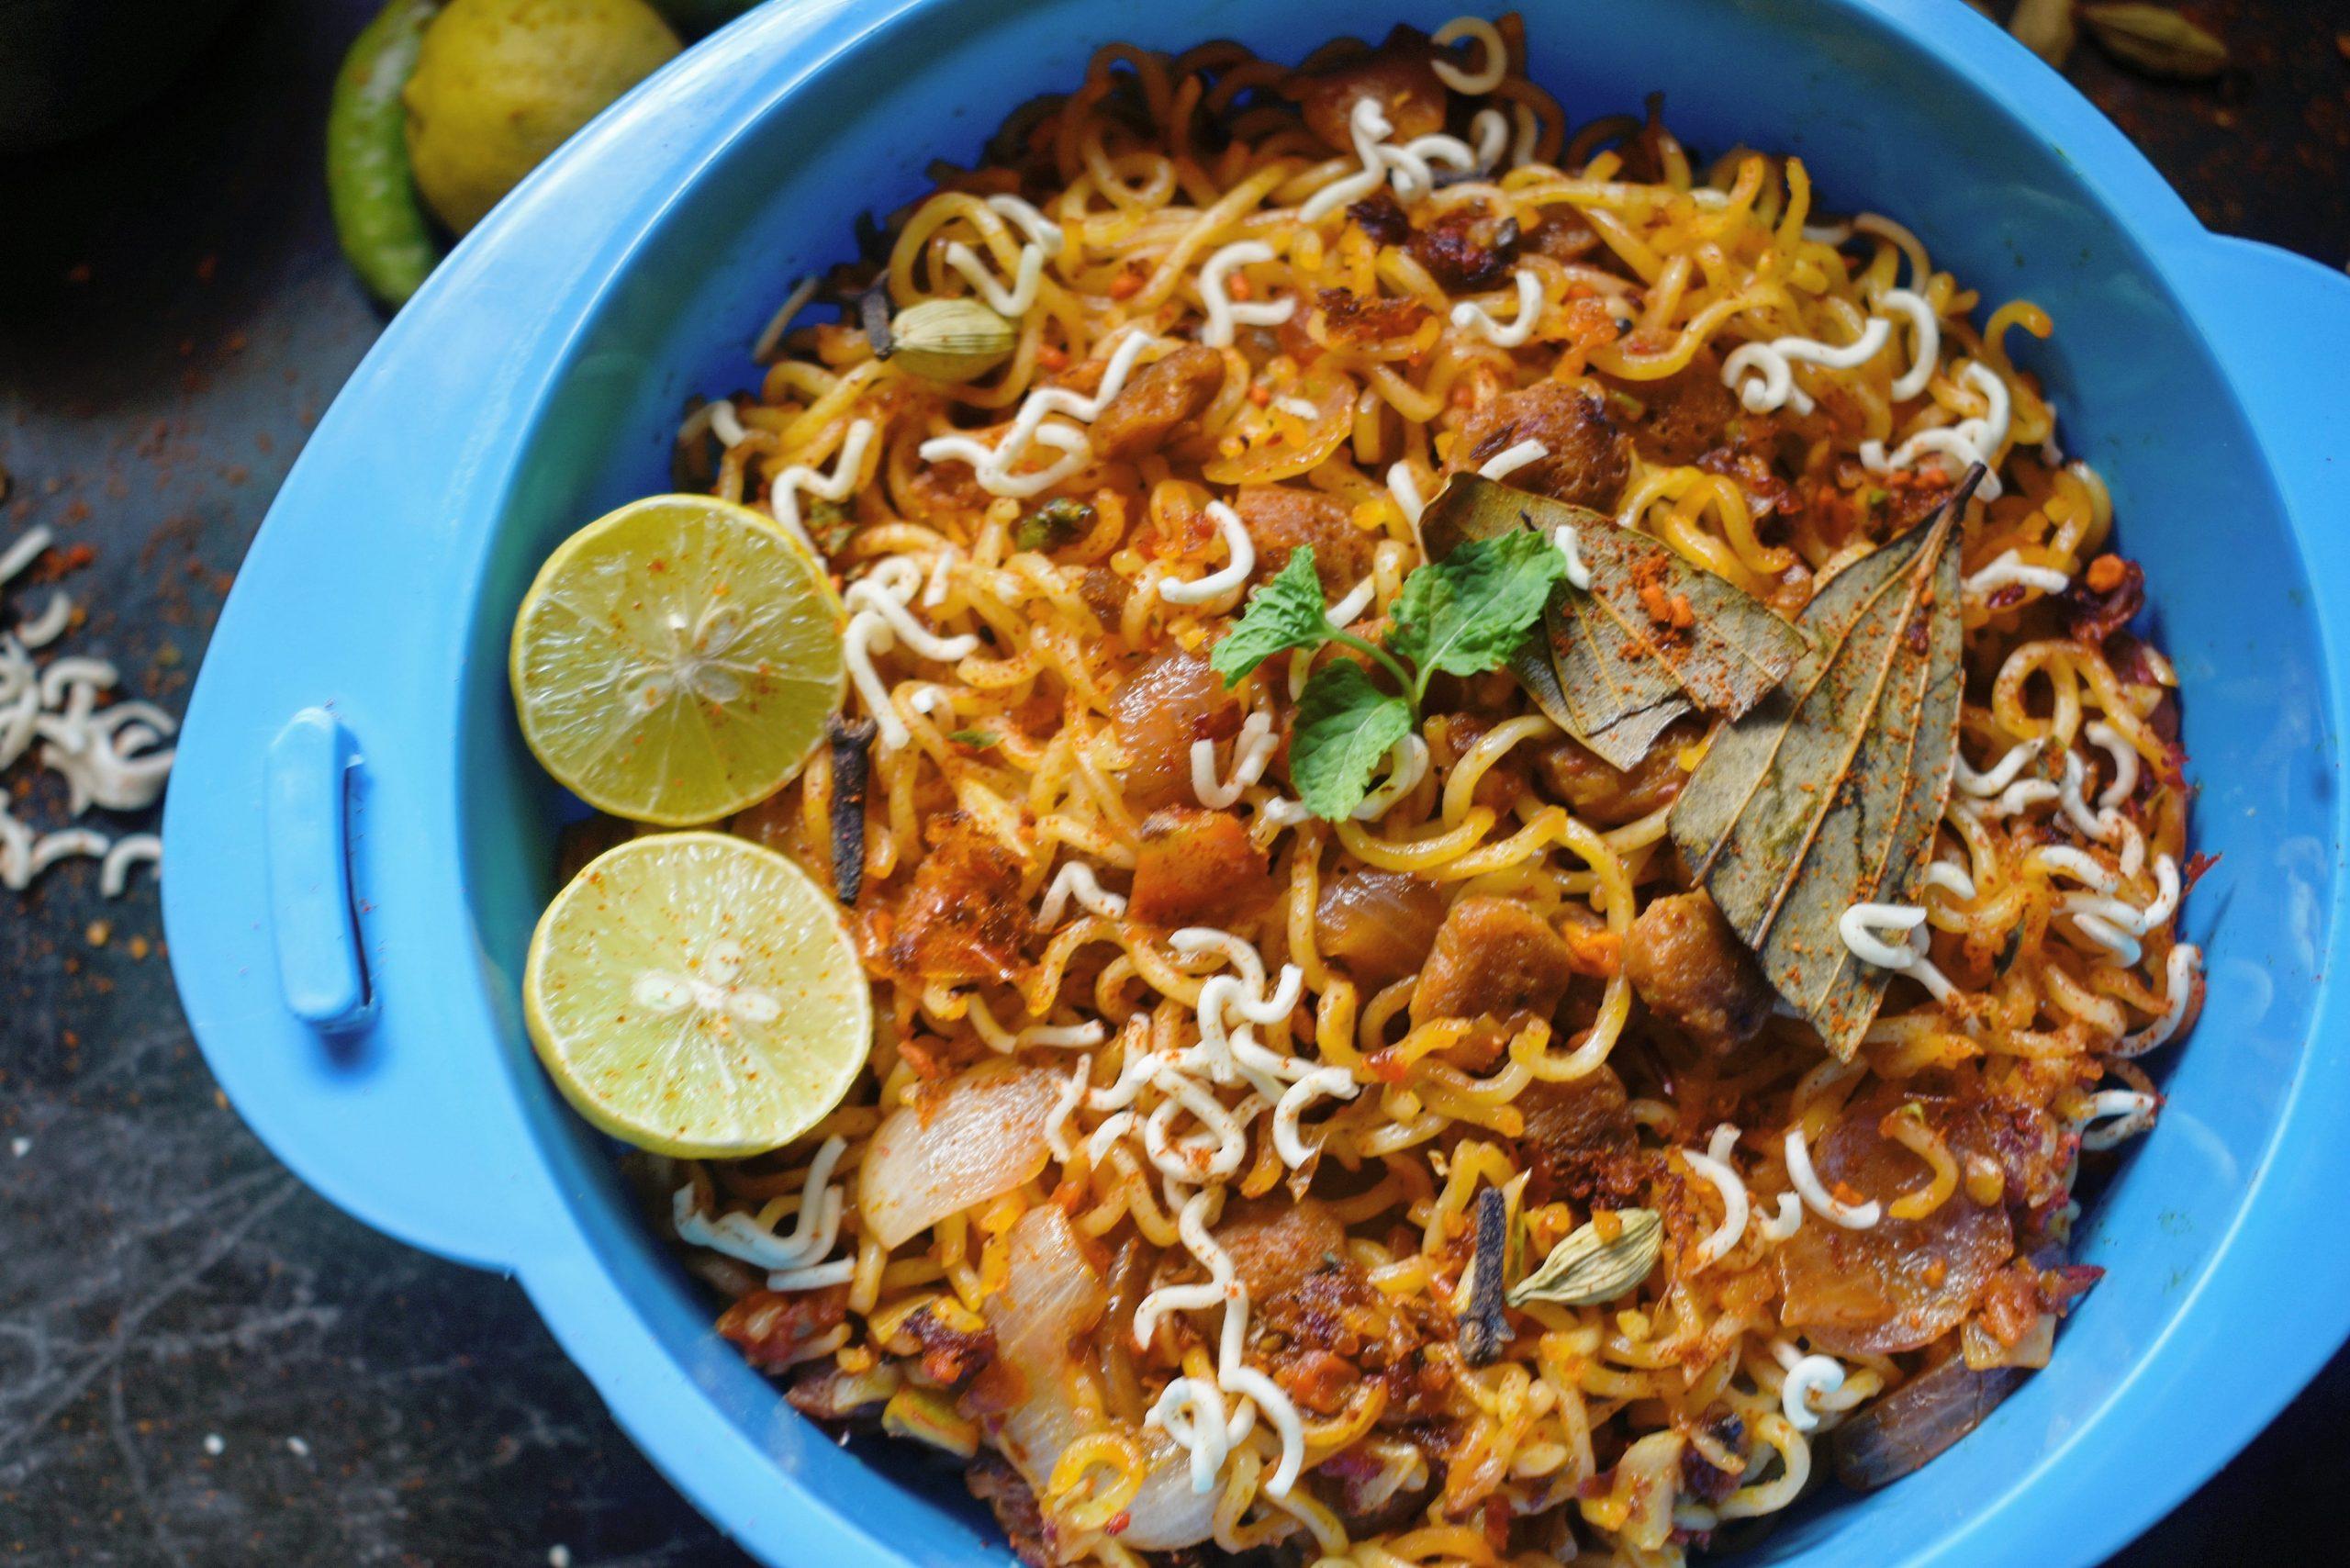 Seasoned Noodles